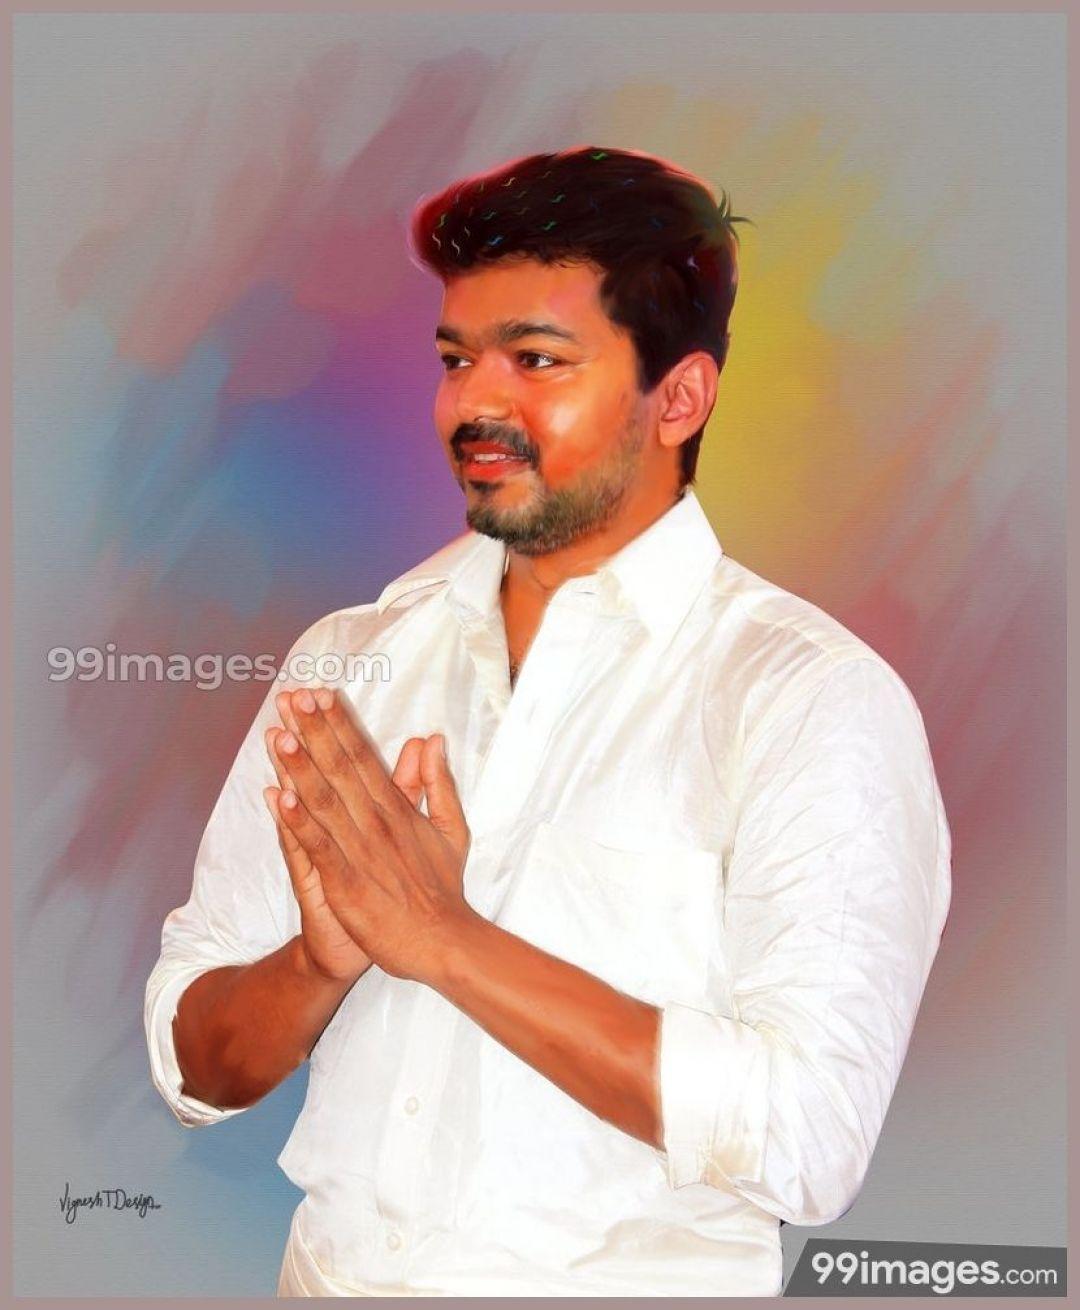 Vijay Hd Hd Wallpapers 1080p 4k 40437 Vijay Images Hd Download 2020 1080x1310 Download Hd Wallpaper Wallpapertip